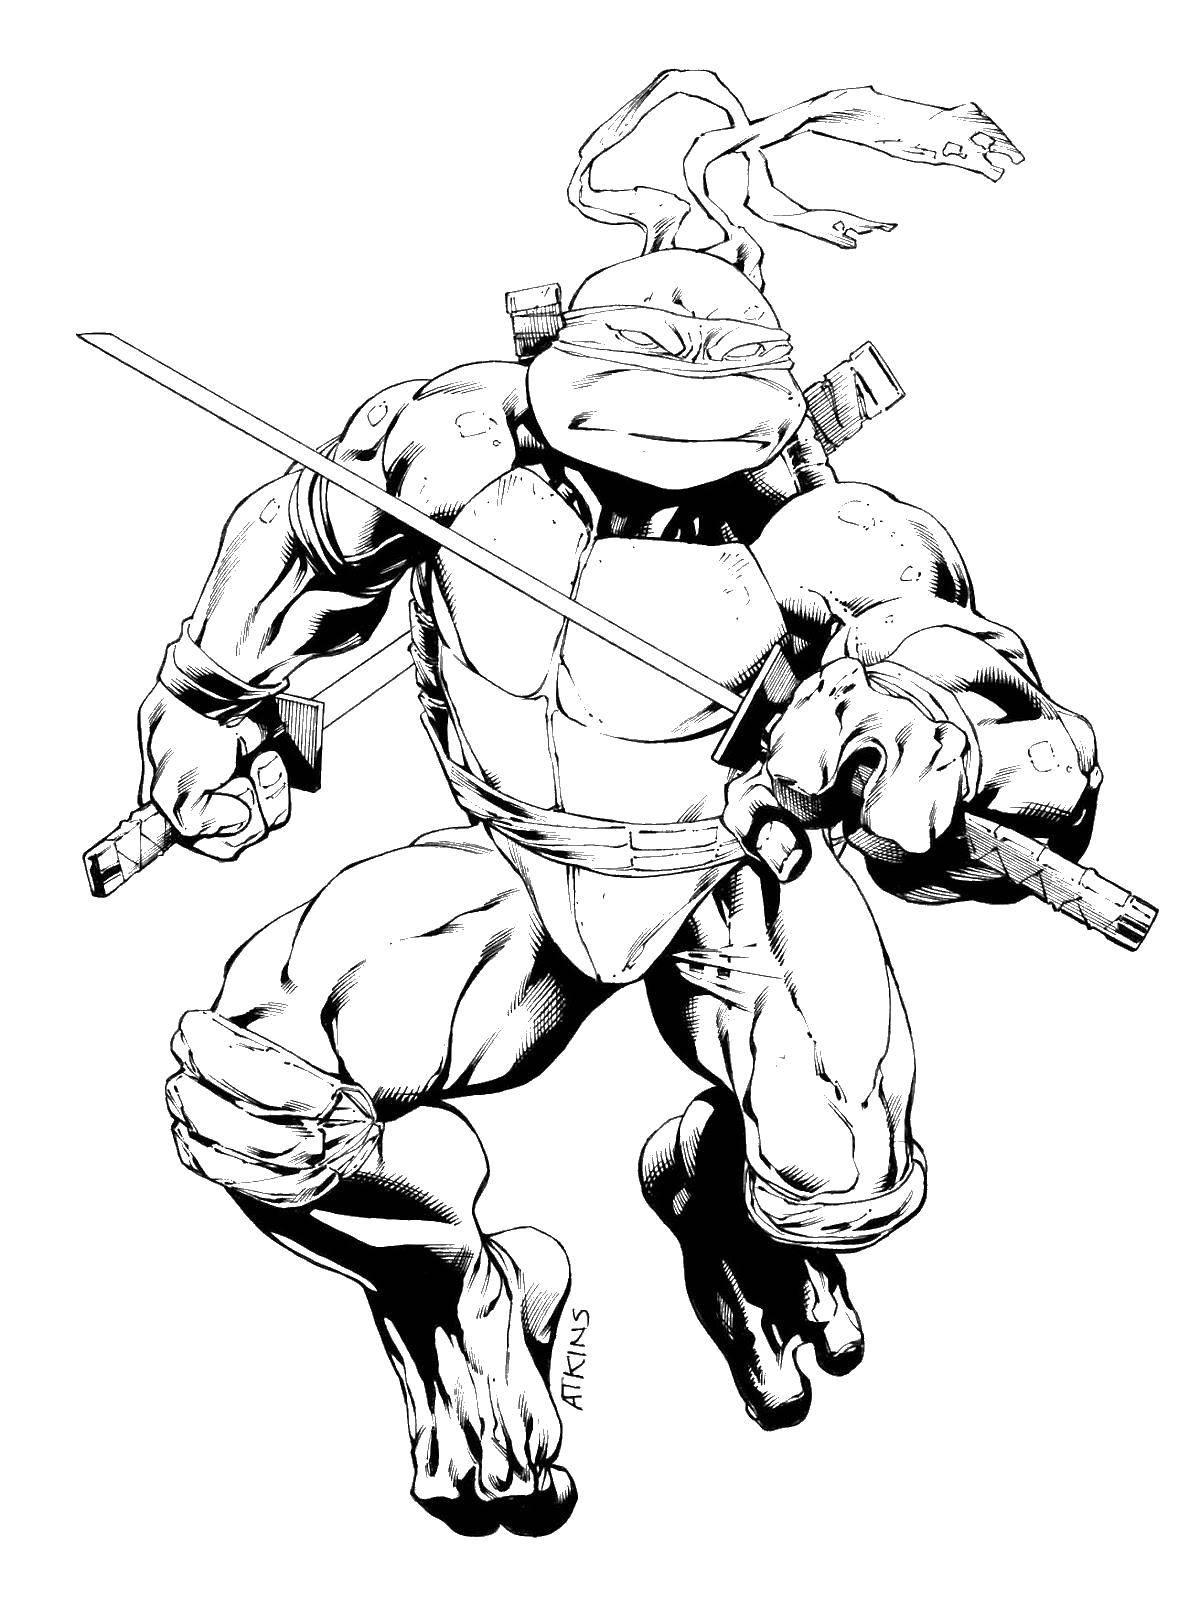 Раскраска Леонардо с мечом Скачать черепаха, Леонардо, меч.  Распечатать ,черепашки ниндзя,